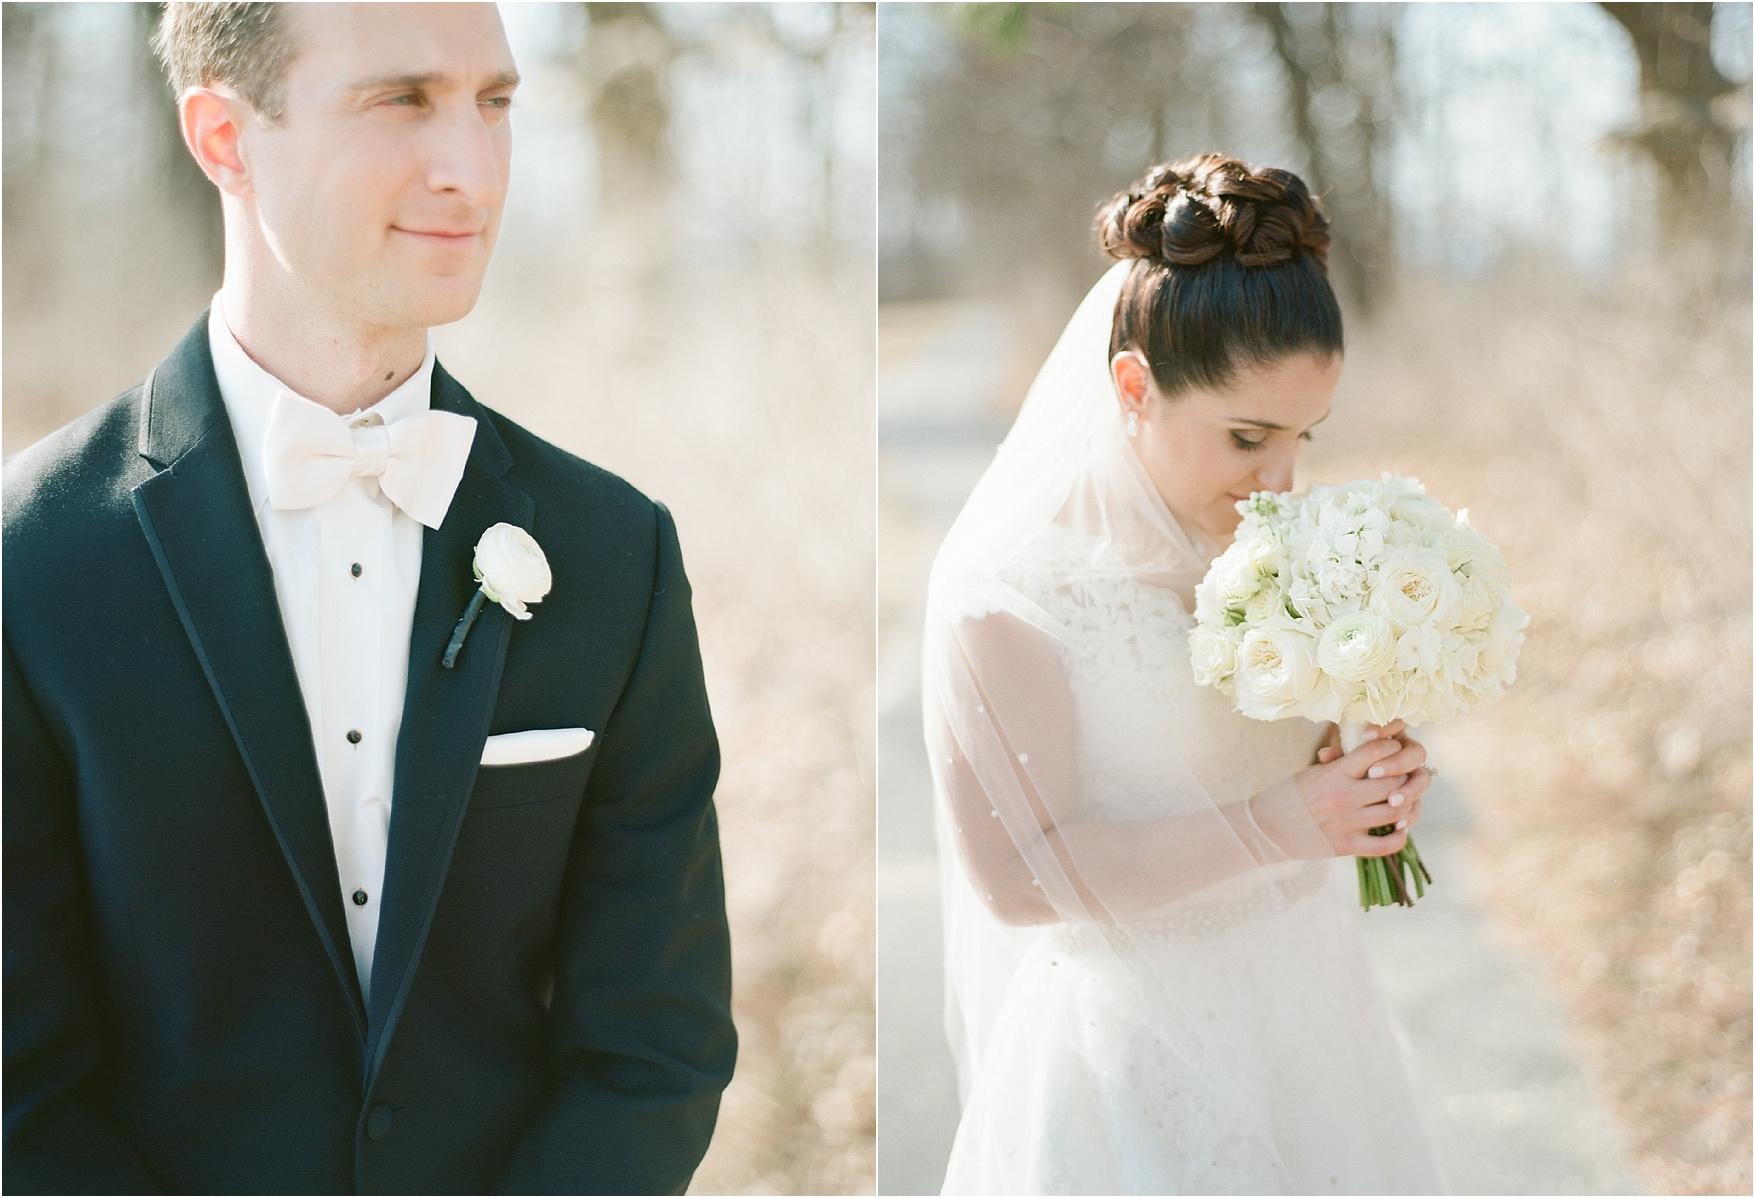 wedding photography st louis_lauren muckler photography_film photographer_film wedding_0057.jpg